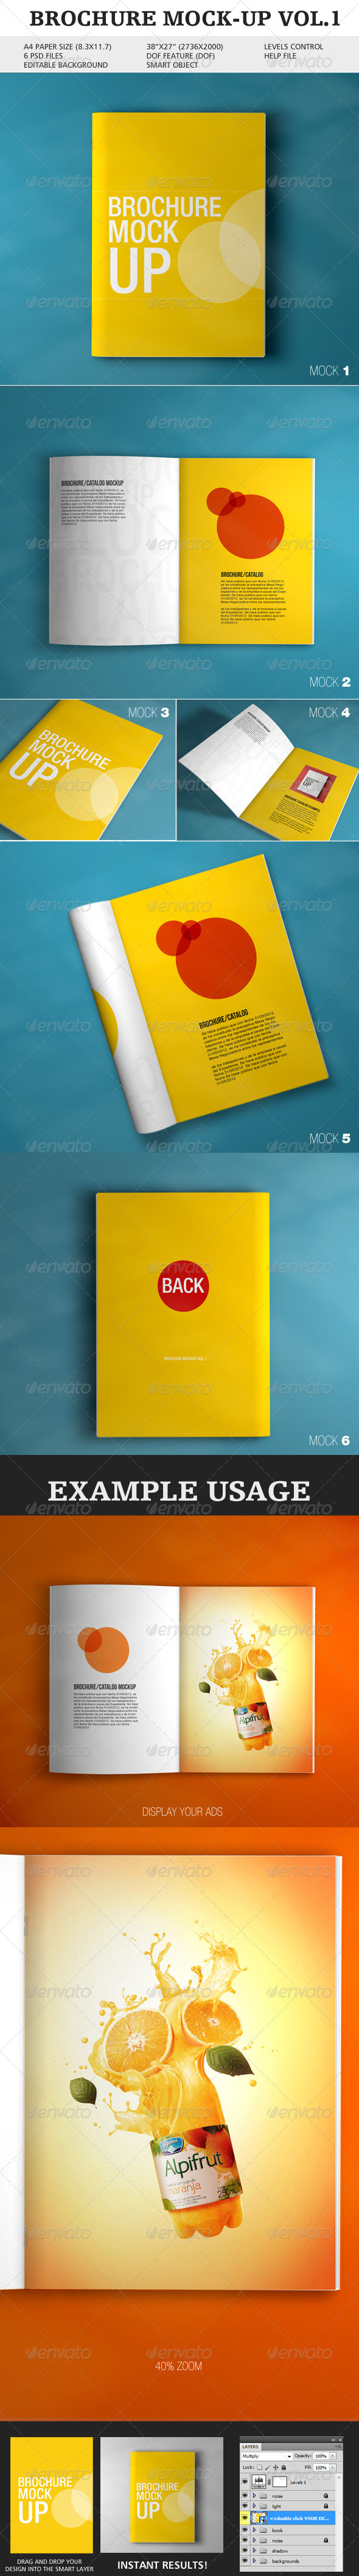 Brochure Mock-up Vol.1 - Brochures Print